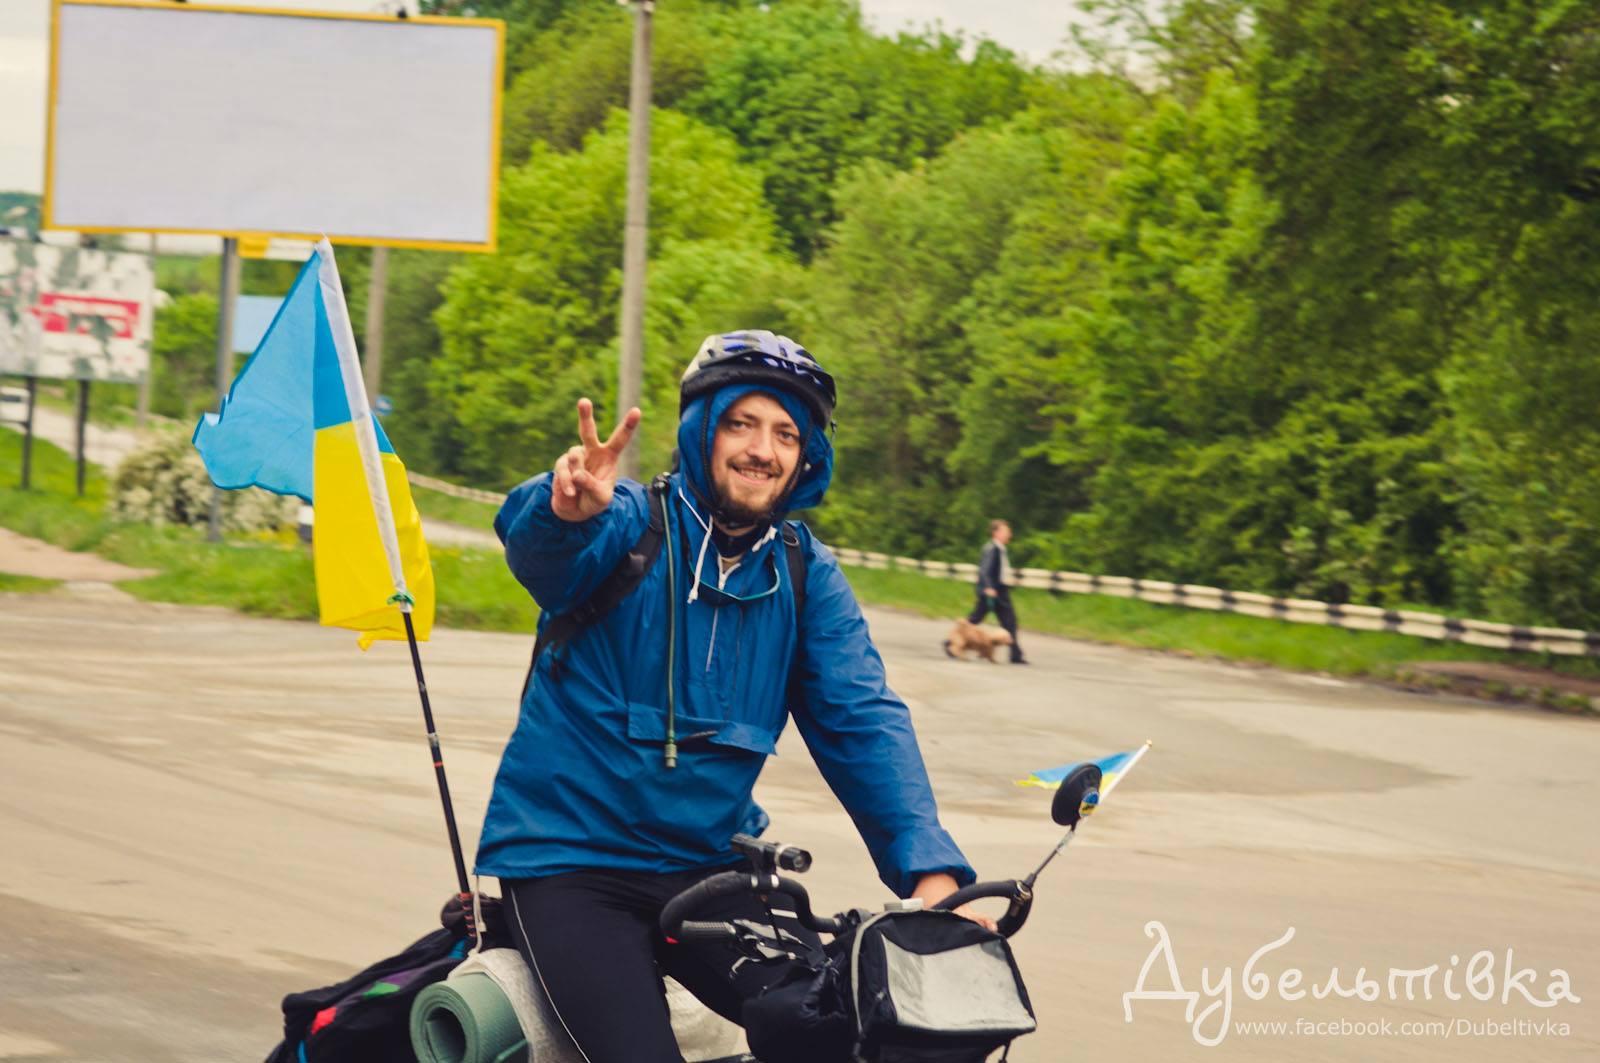 Як проїхати на велосипеді по 20 країнах Європи та не збанкрутувати?